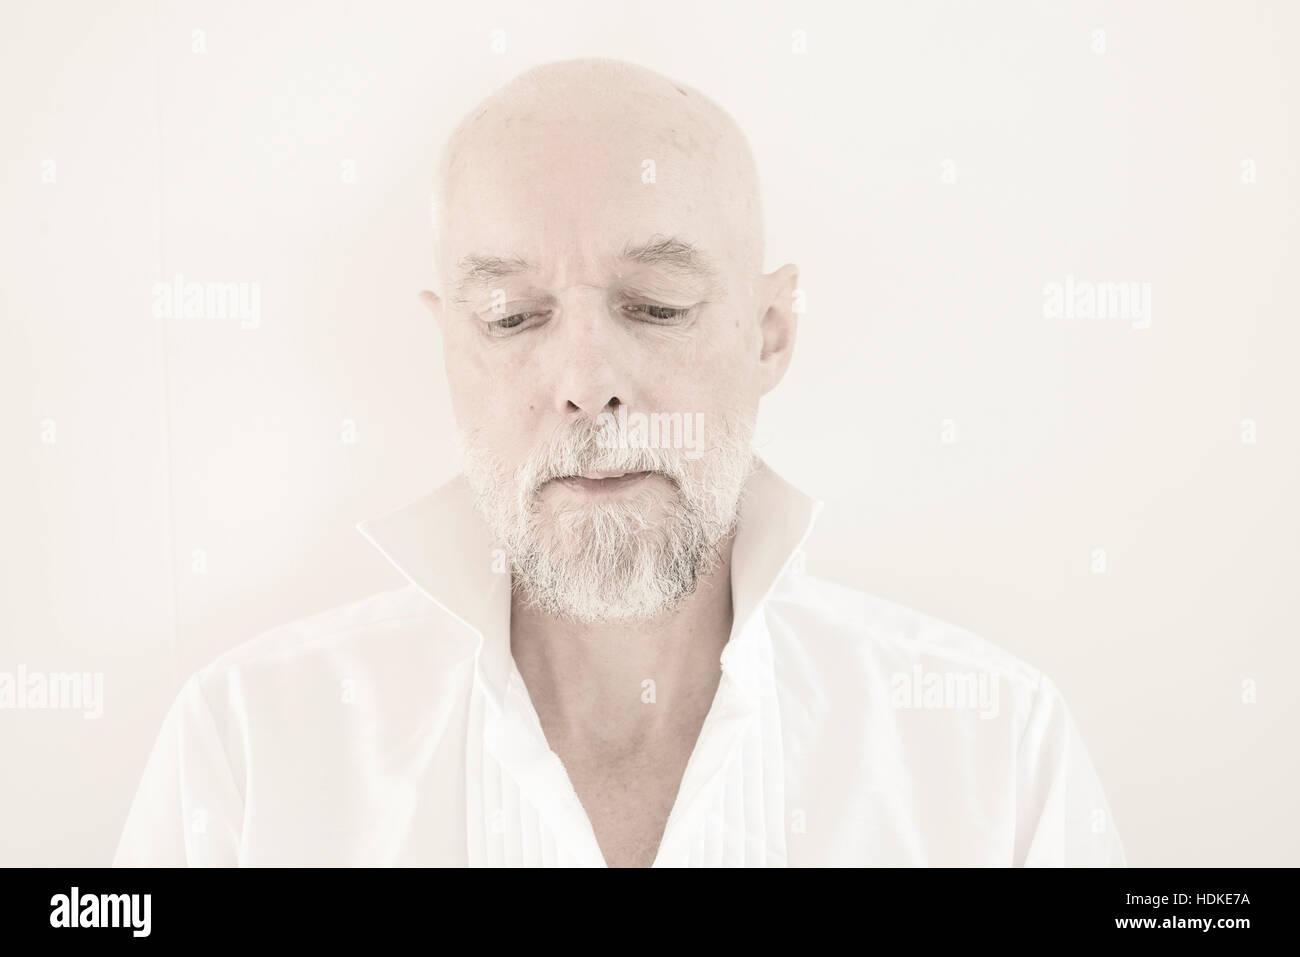 Triste et pensif old man looking down. Il porte une chemise déboutonnée blanche. Portrait de retraités de l'adulte Banque D'Images